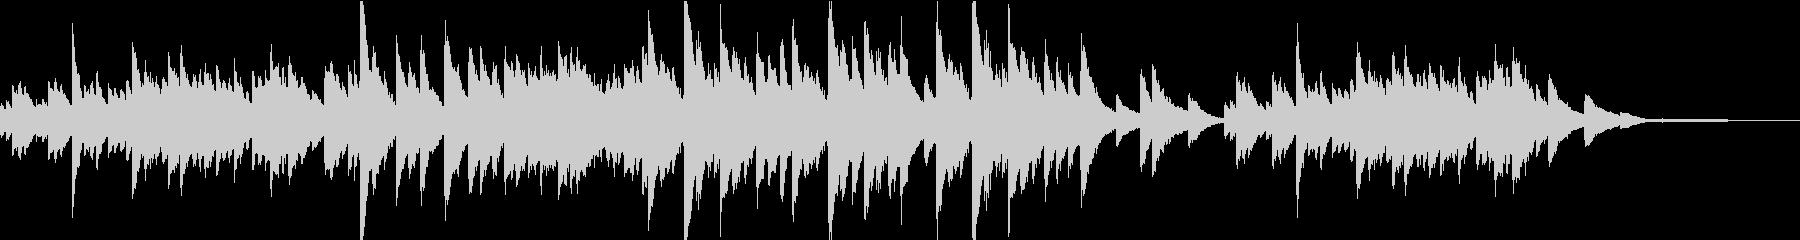 切なさと温かみのある日常系ピアノソロの未再生の波形